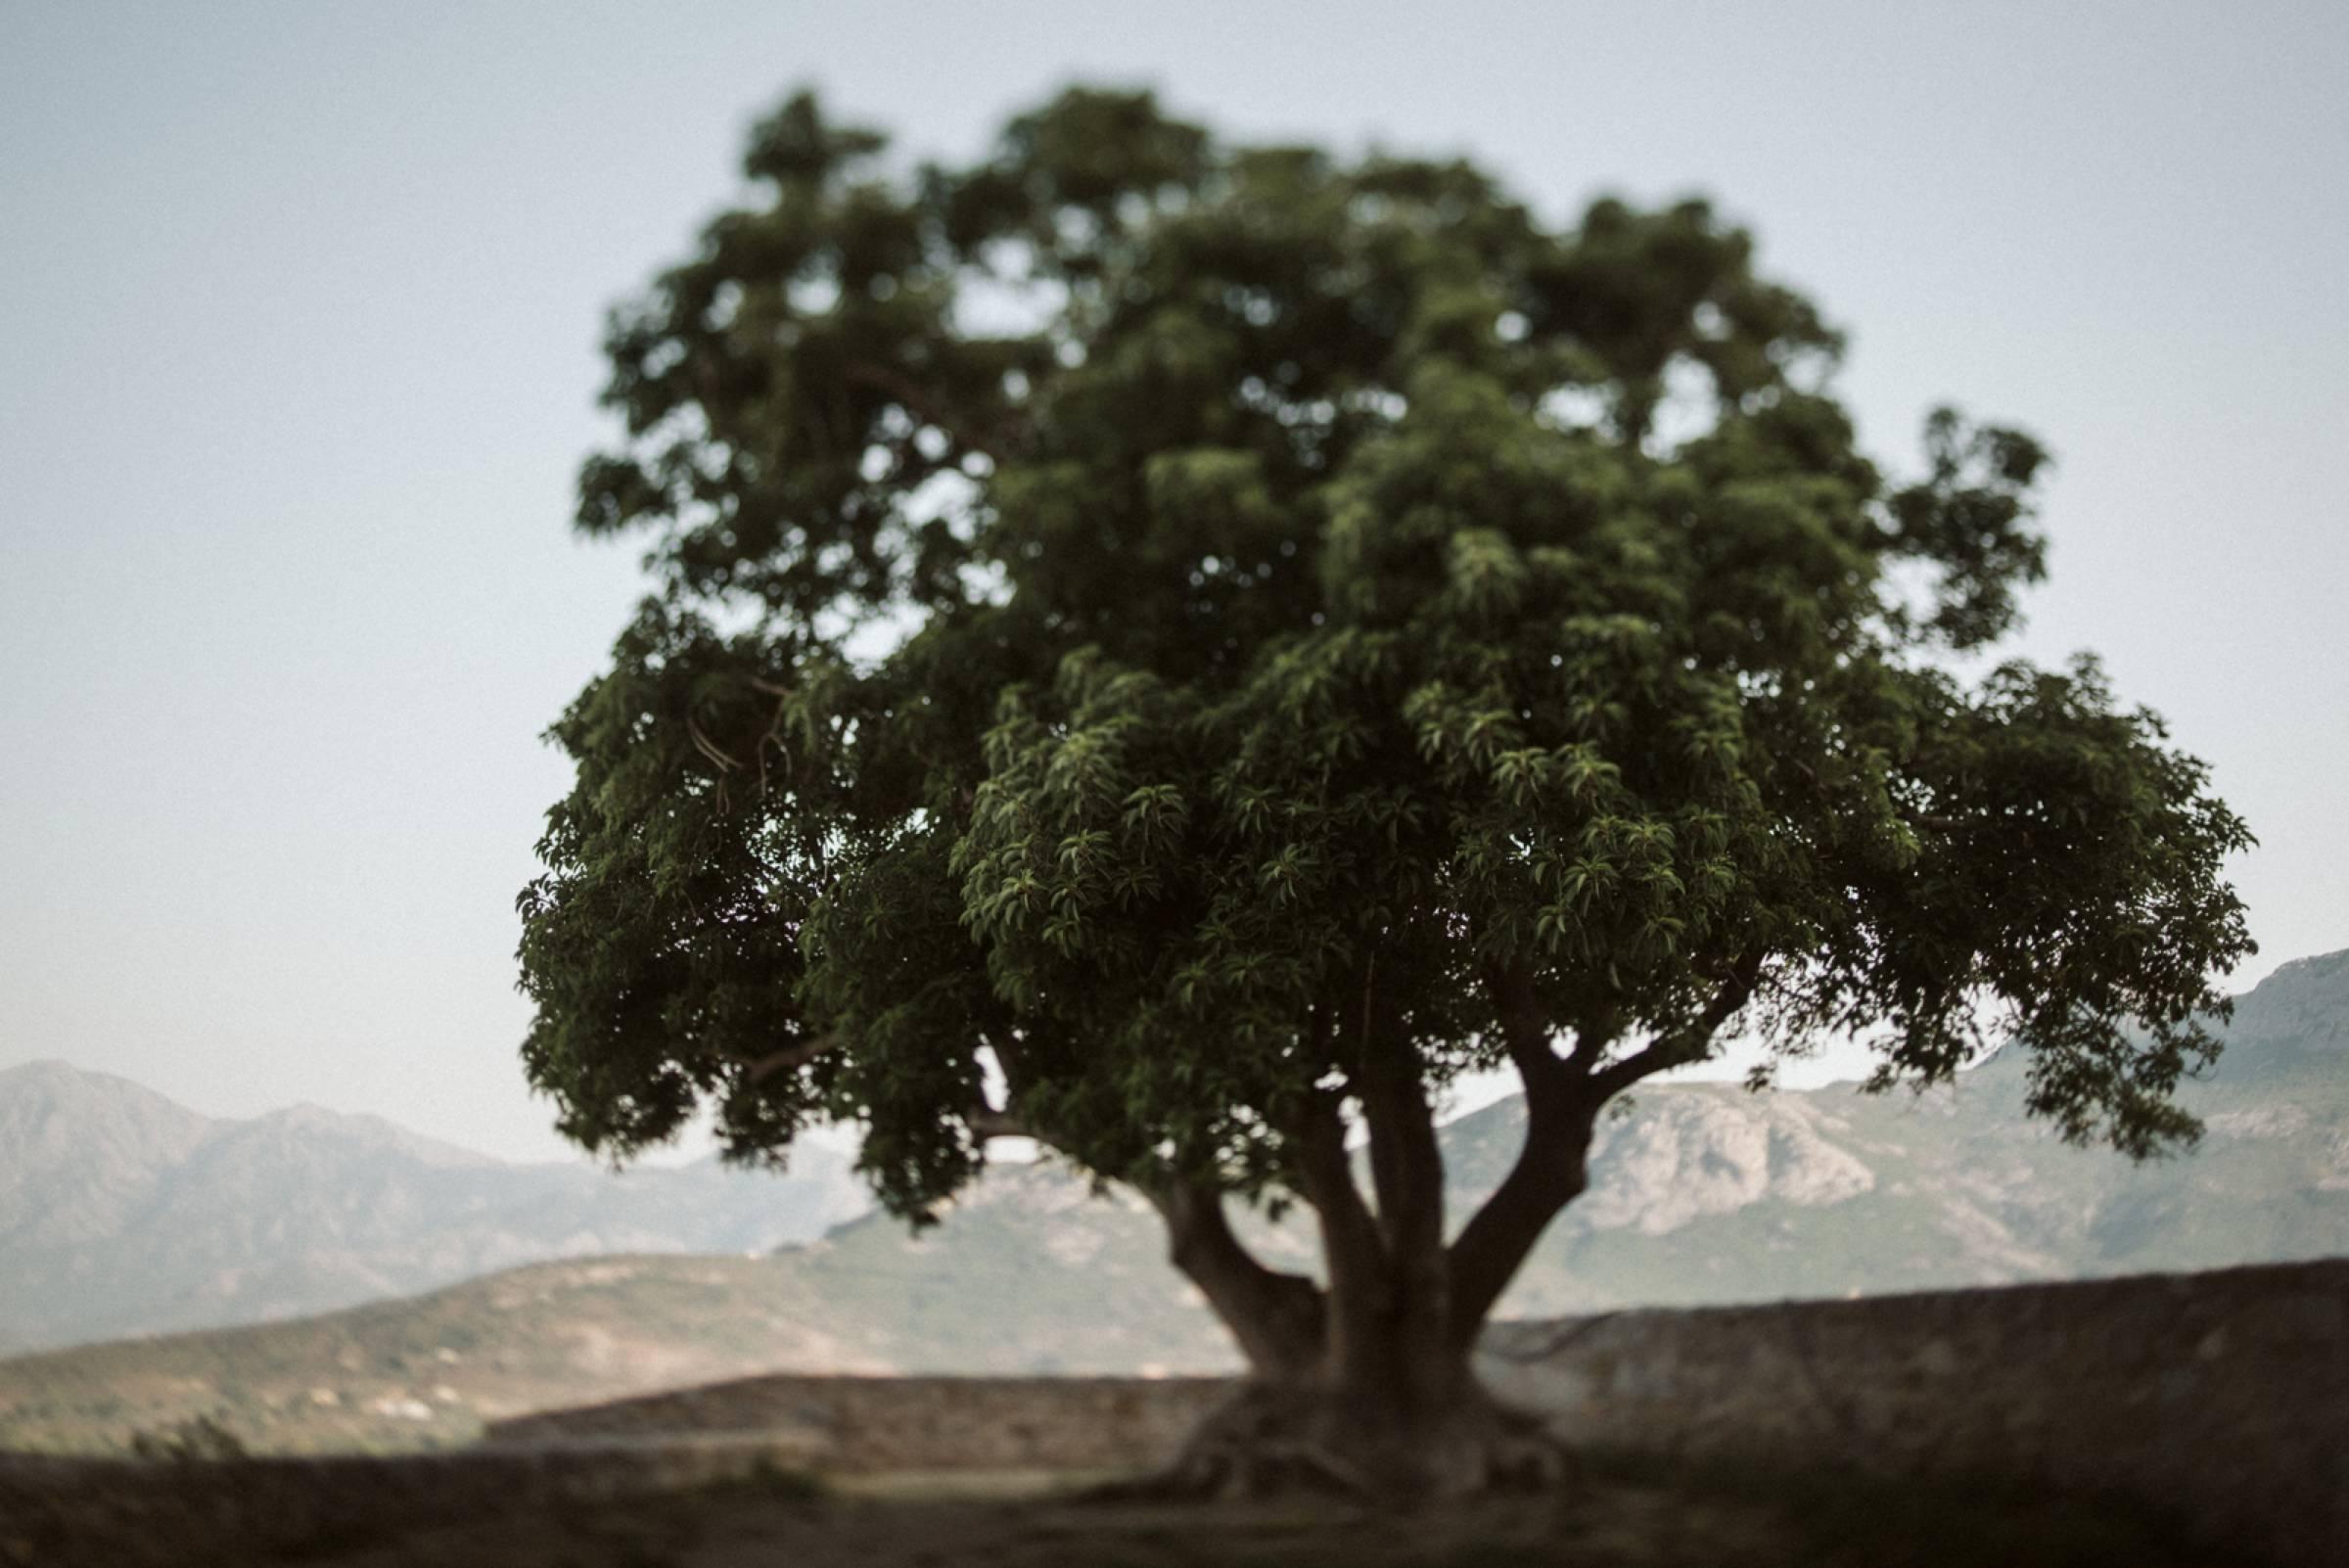 Olivenbaum in Frankreich